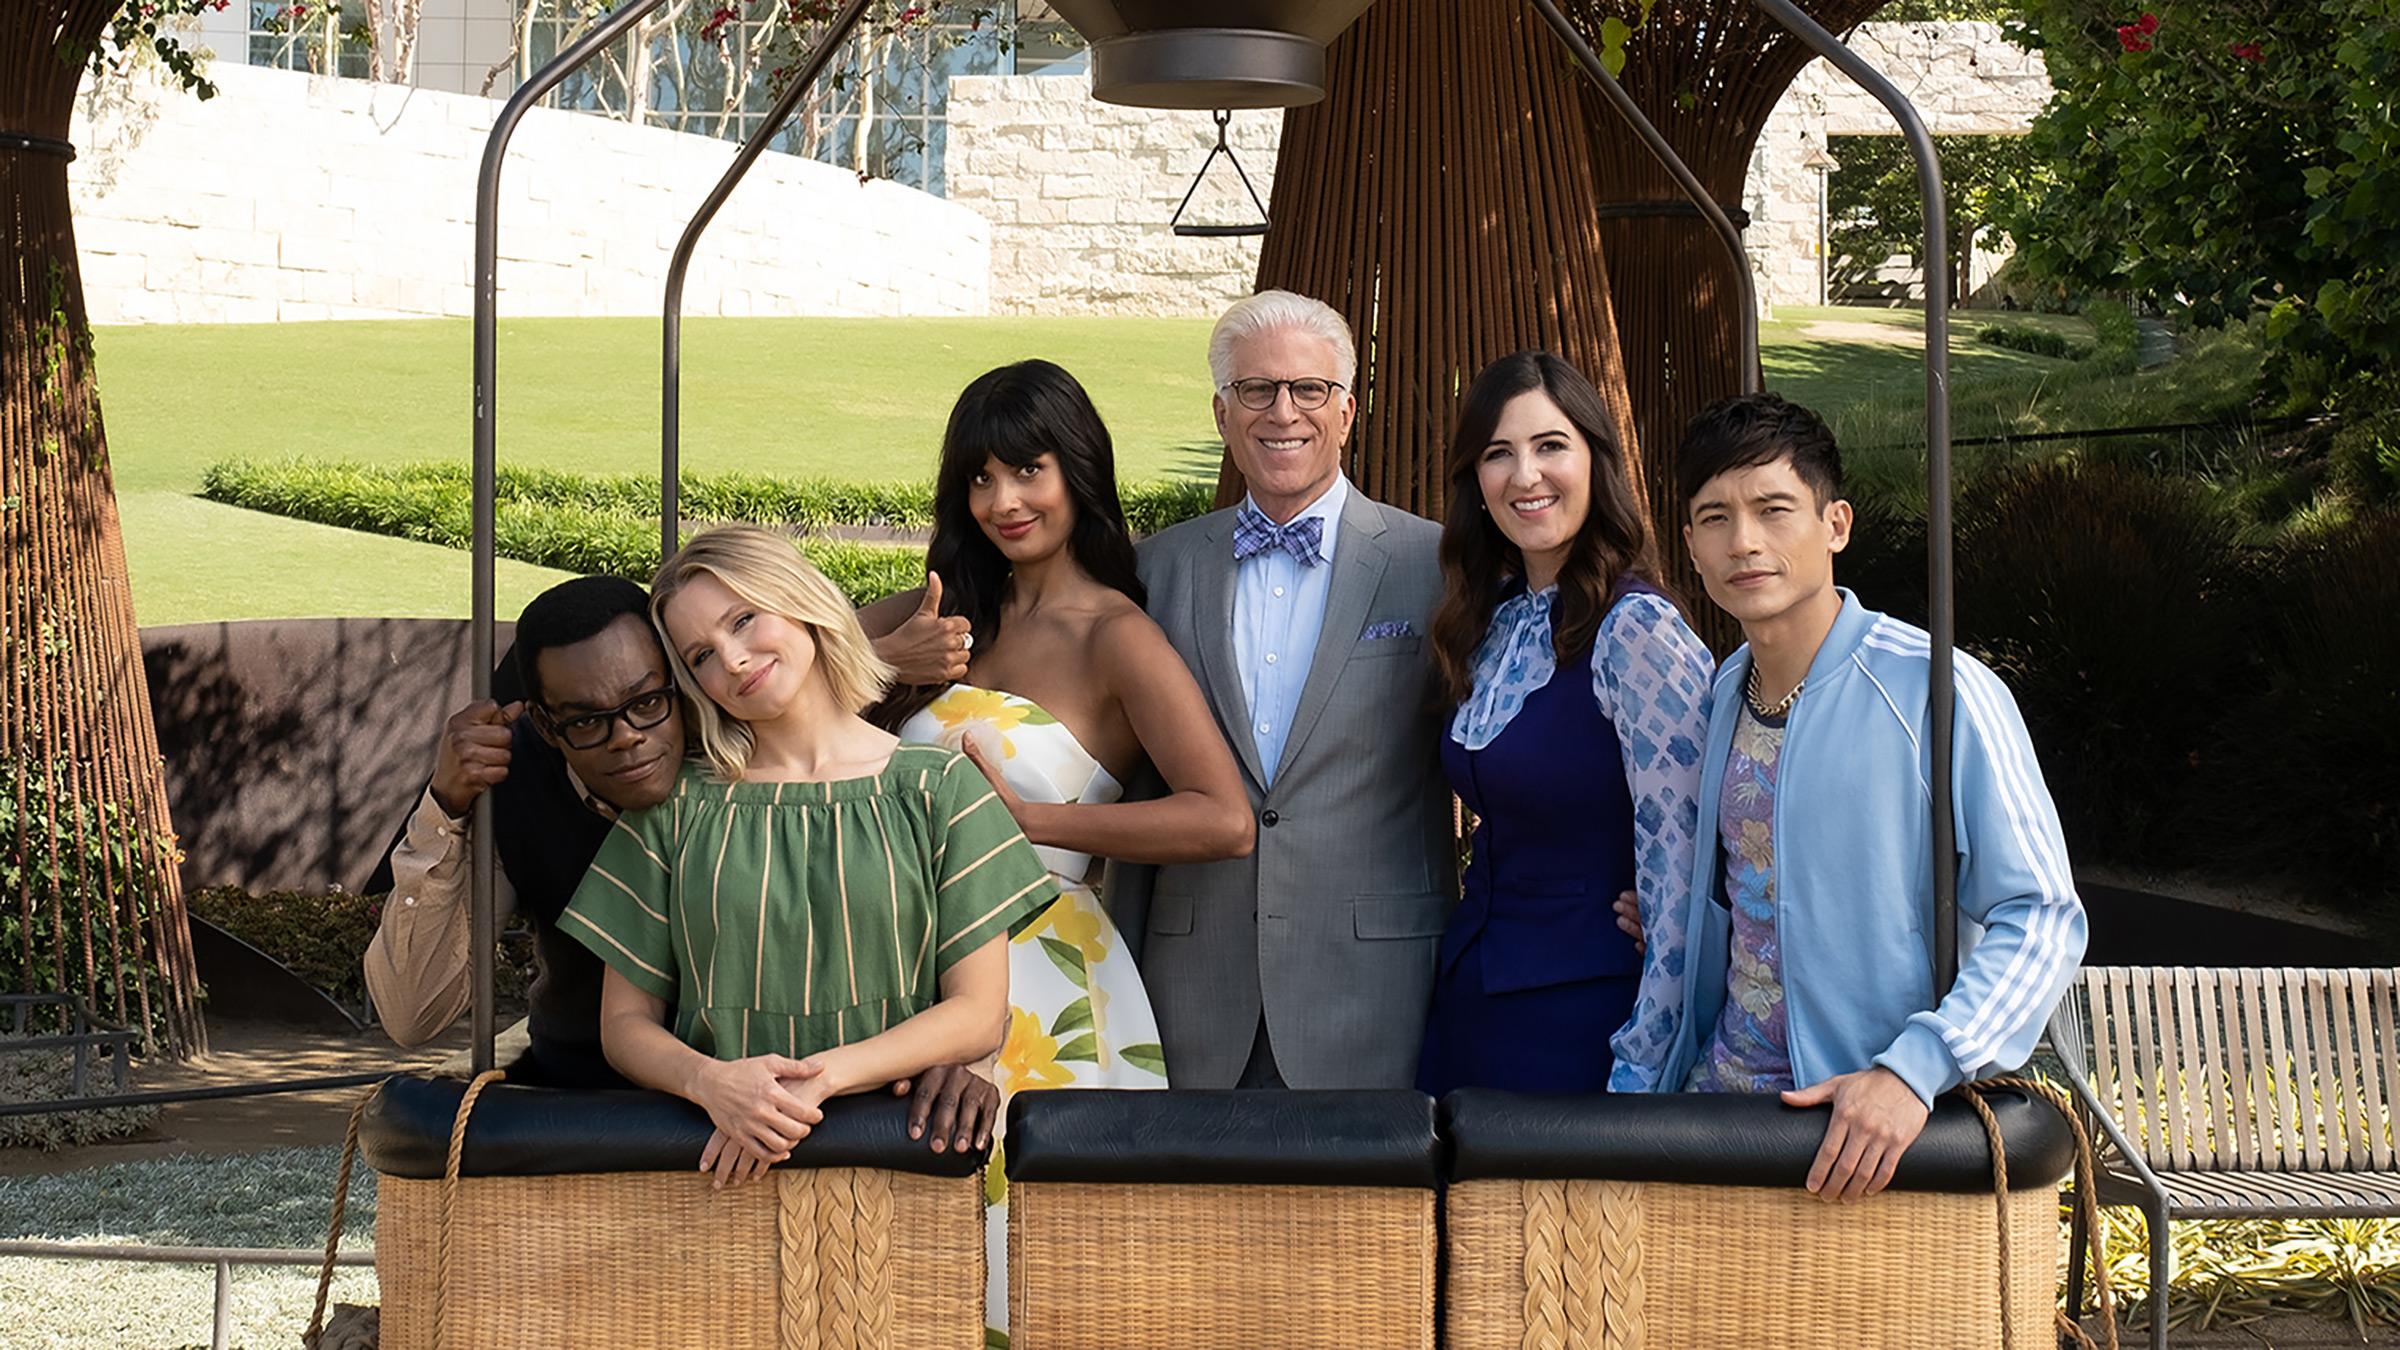 «Хорошее место» стало последним великим ситкомом на сетевом телевидении, осмелившись улучшить свою аудиторию thumbnail